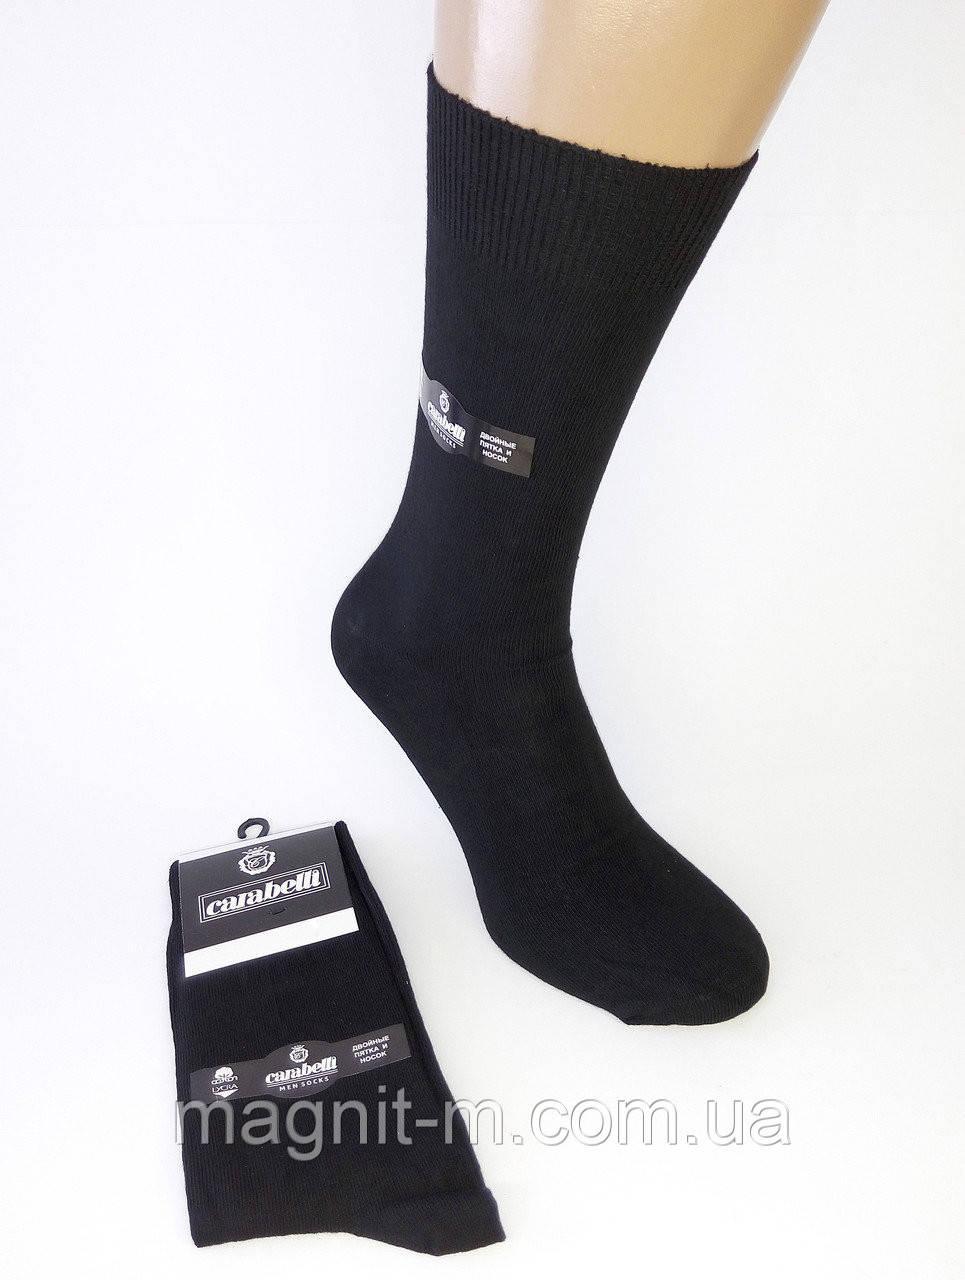 """Високі чоловічі стрейчеві шкарпетки """"Carabelli"""". Туреччина. Подвійна п'ятка. Р-Р 42-44. Чорні."""